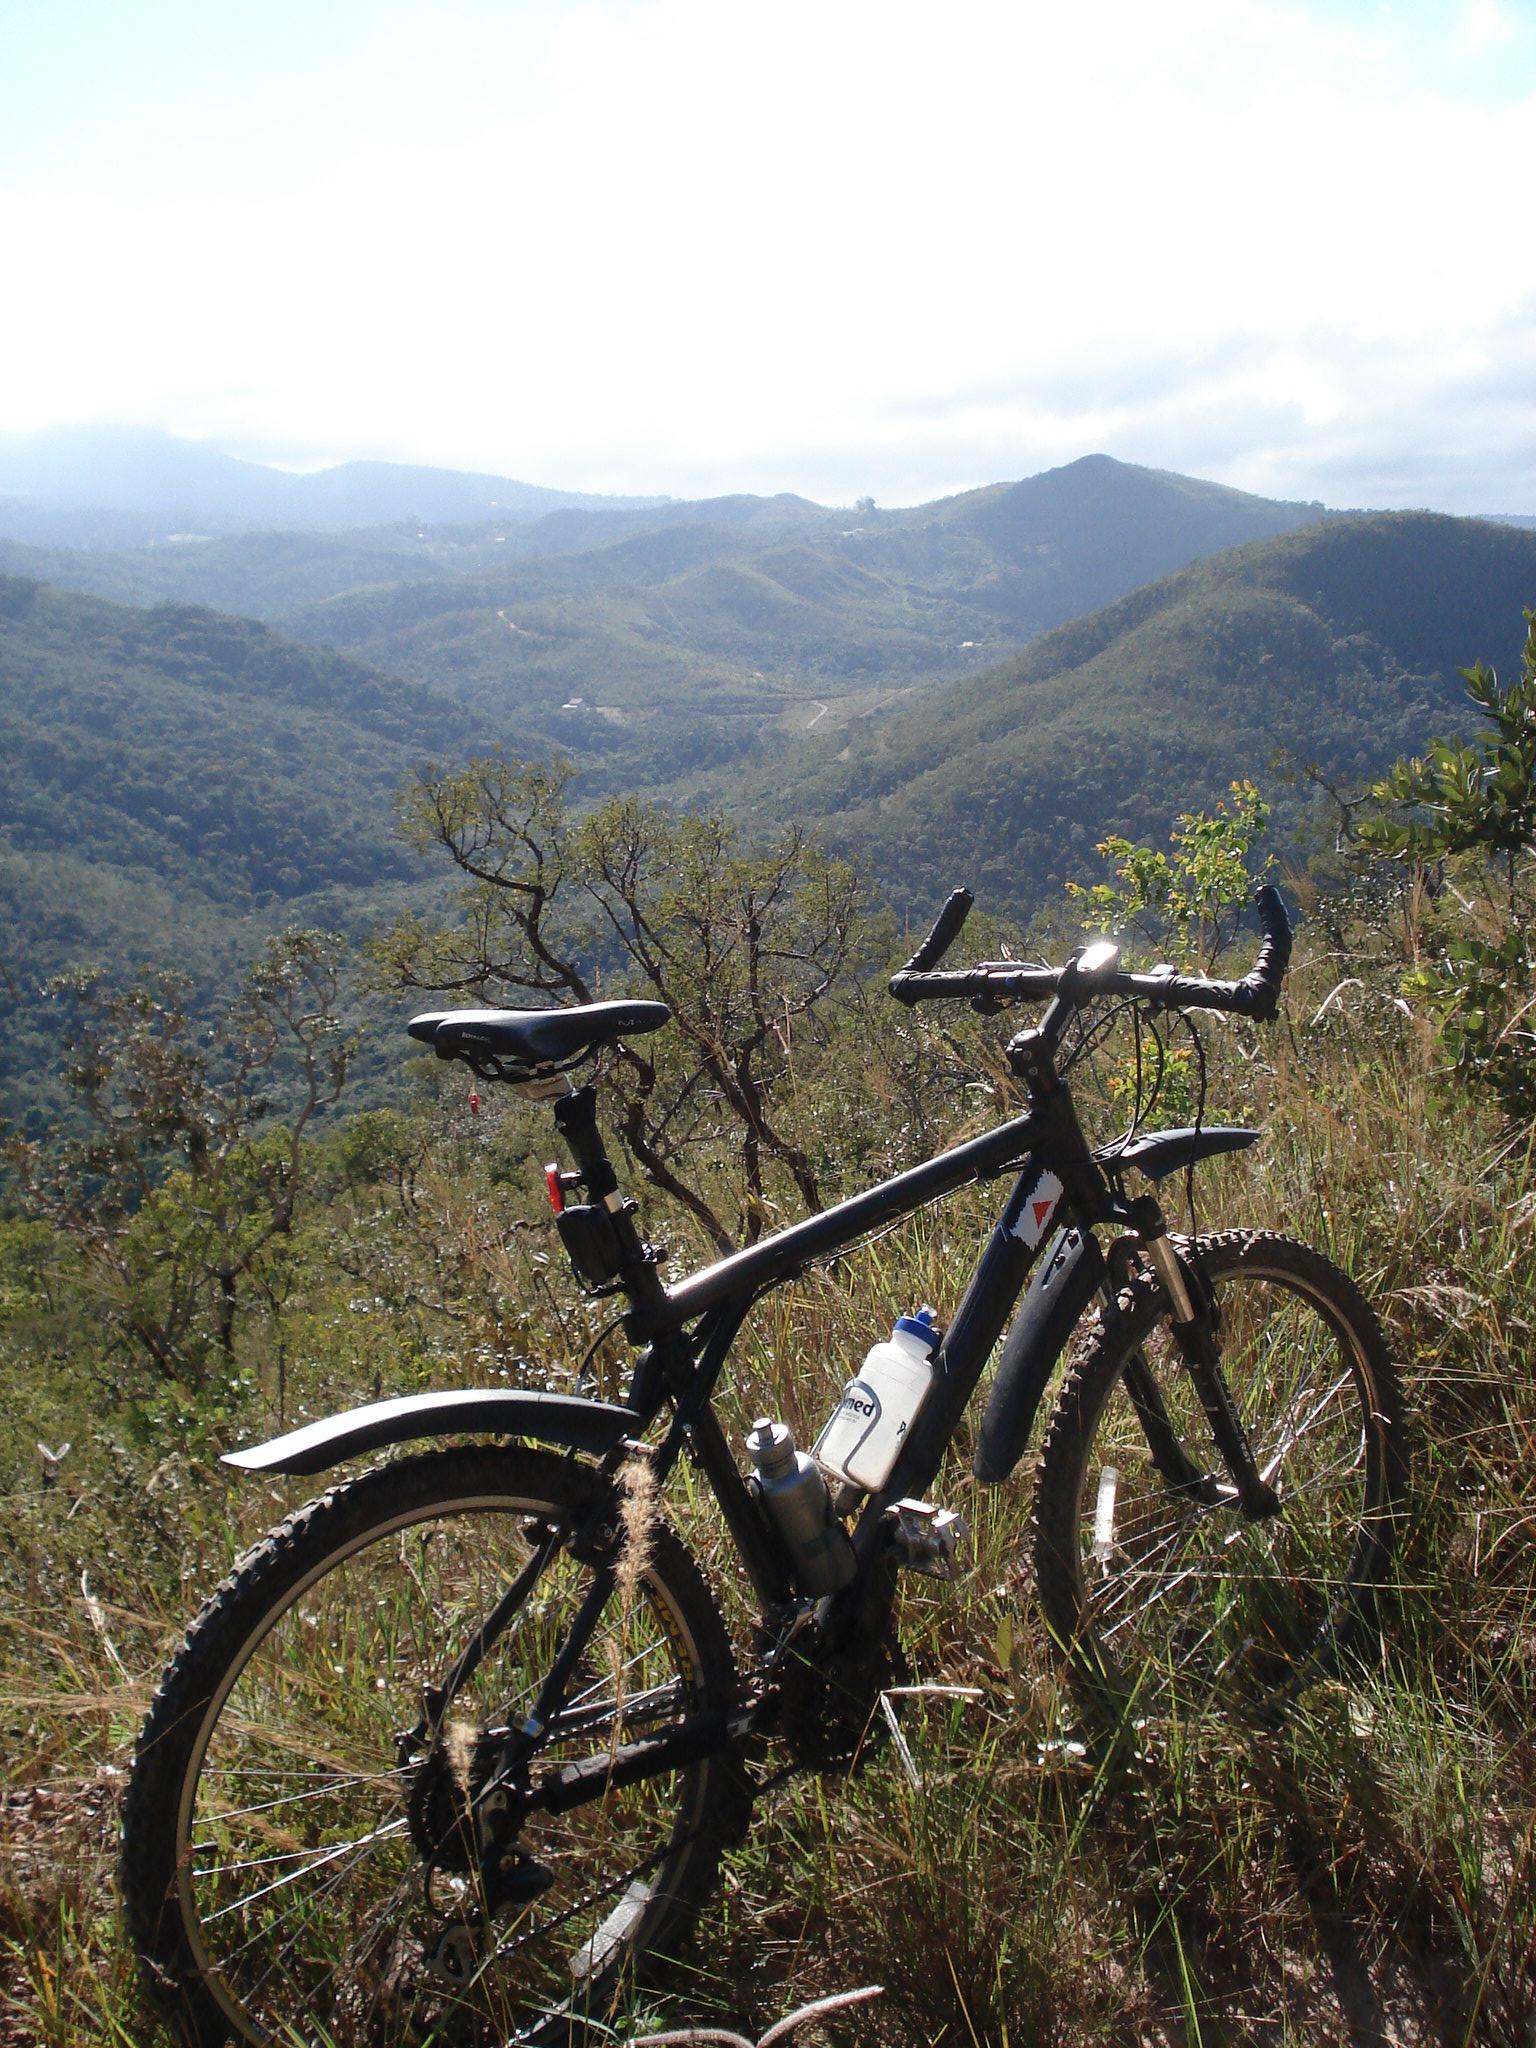 Foto na trilha do Sabarabuçu, entre Sabará e Caeté (MG)